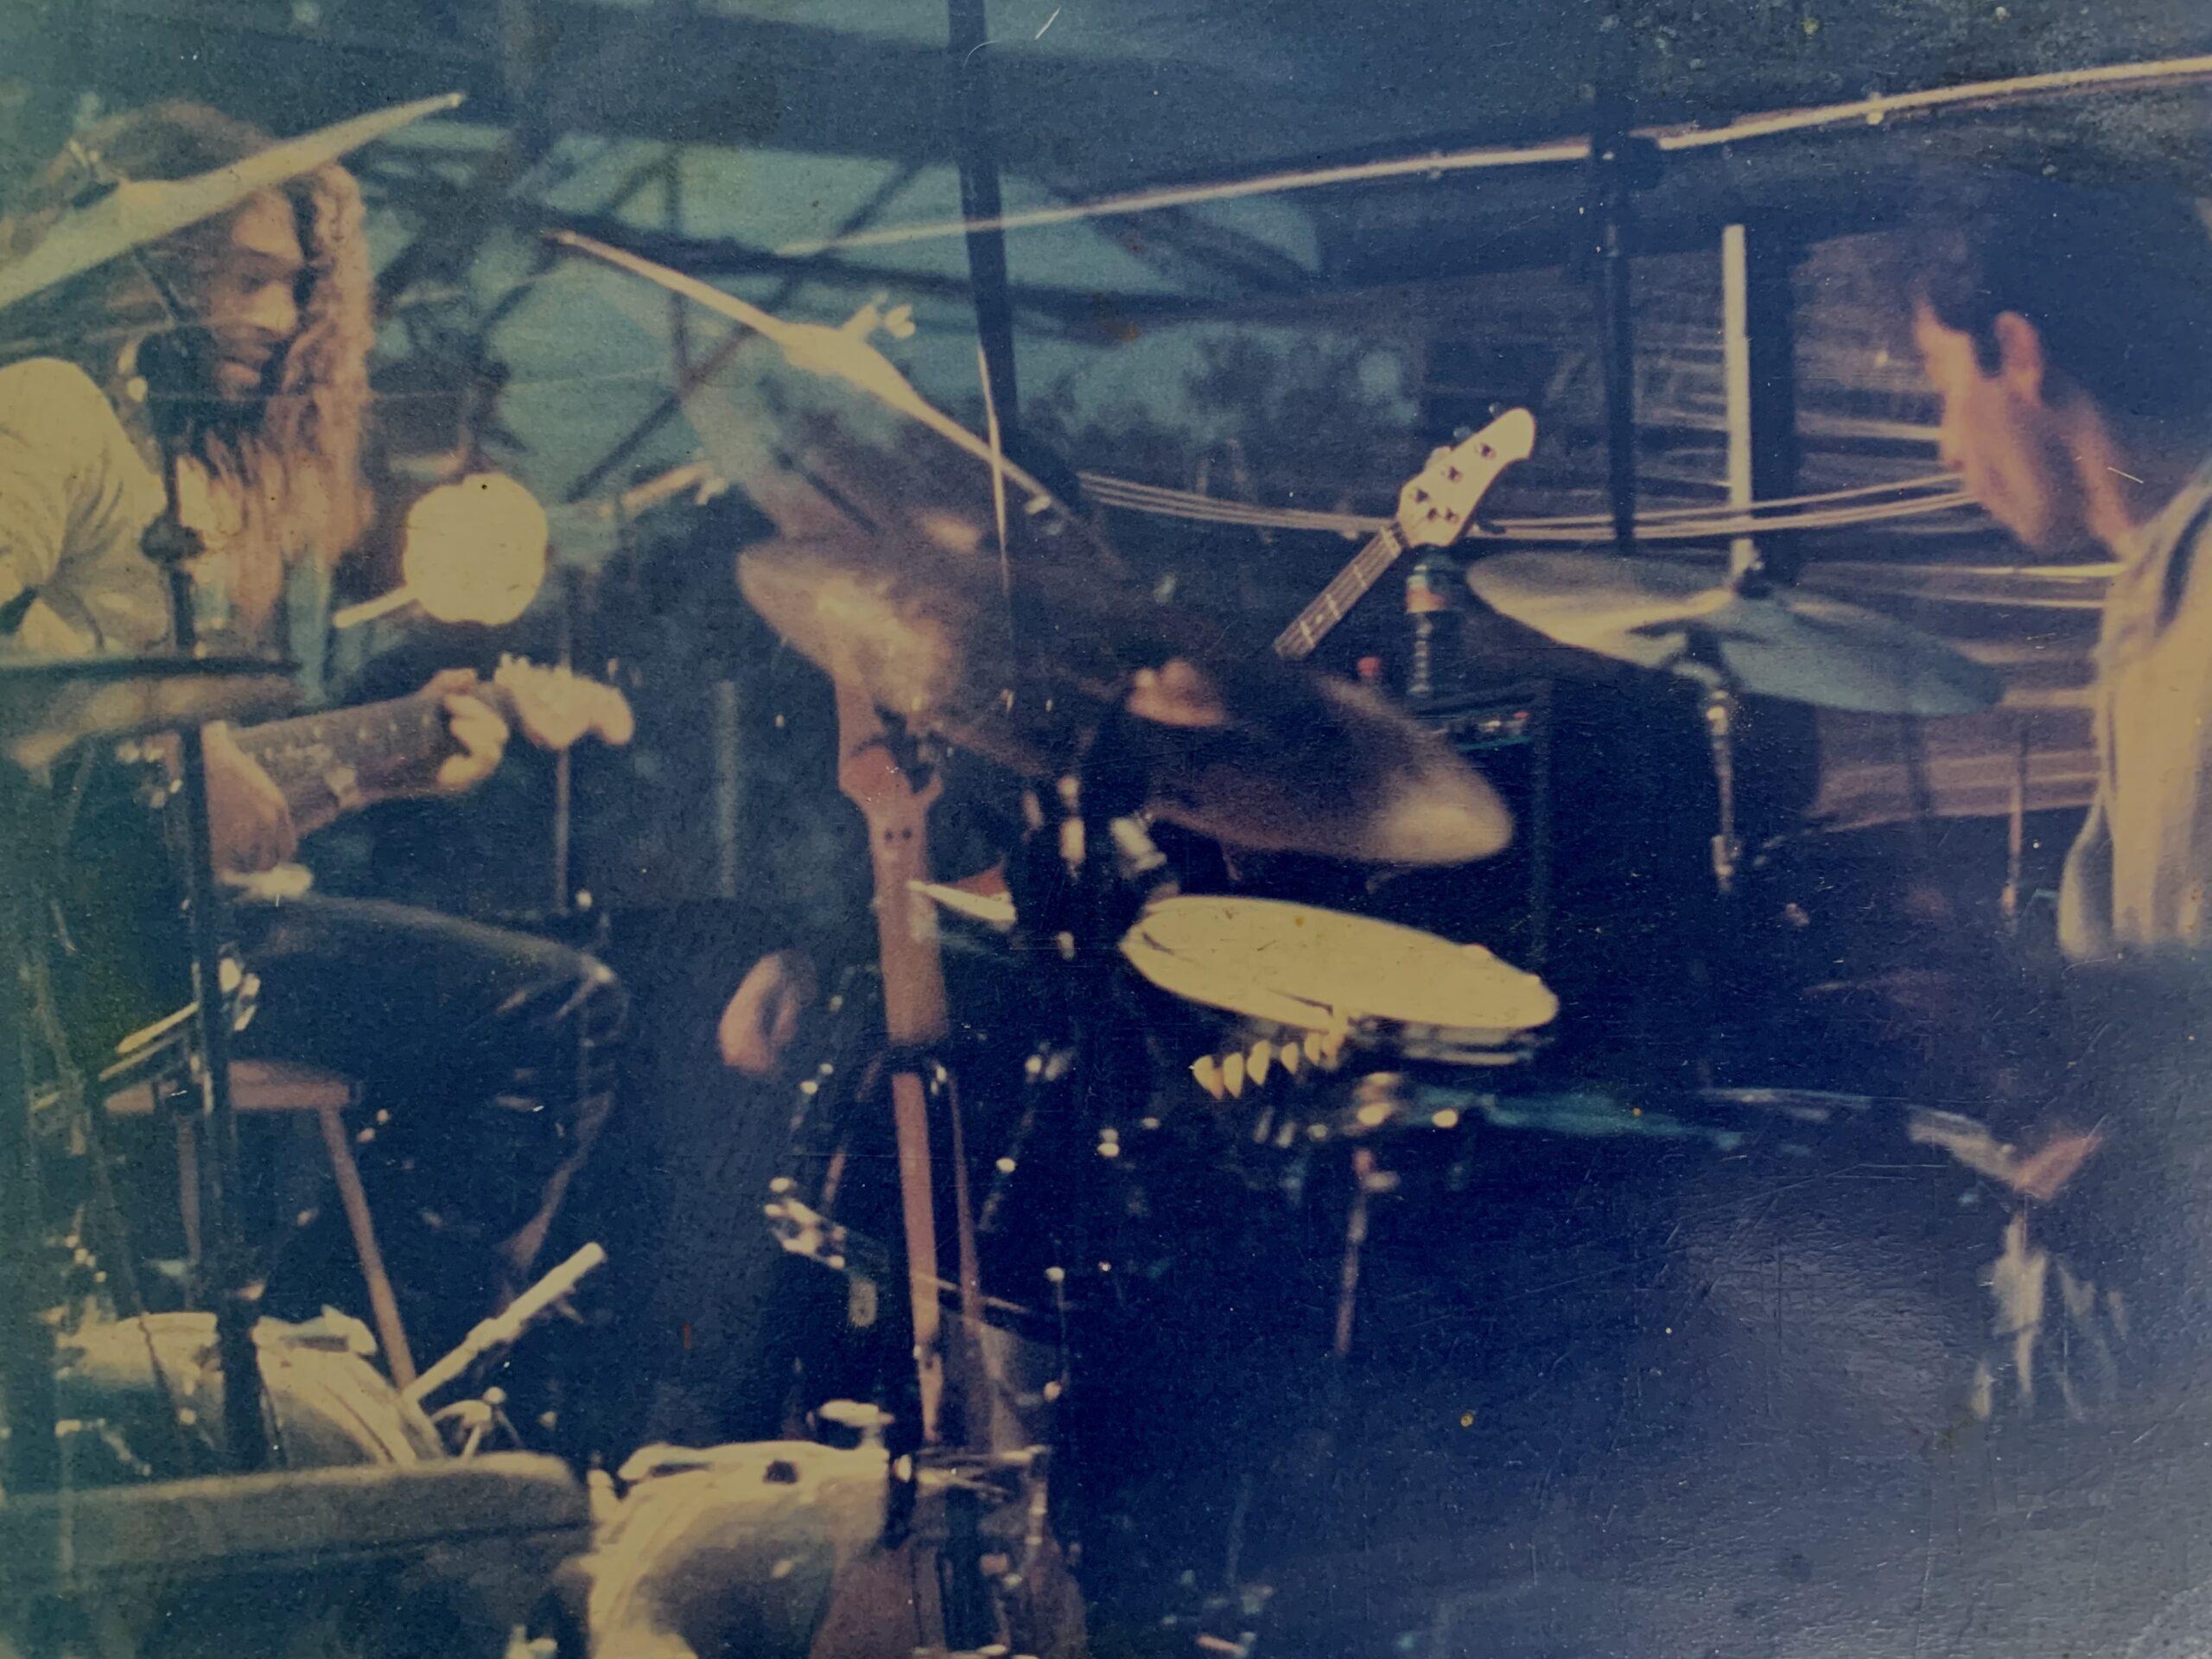 אמיר פרלמן בהופעה עם ההרכב ג'ז רוק המיתולוגי אר טי זי.